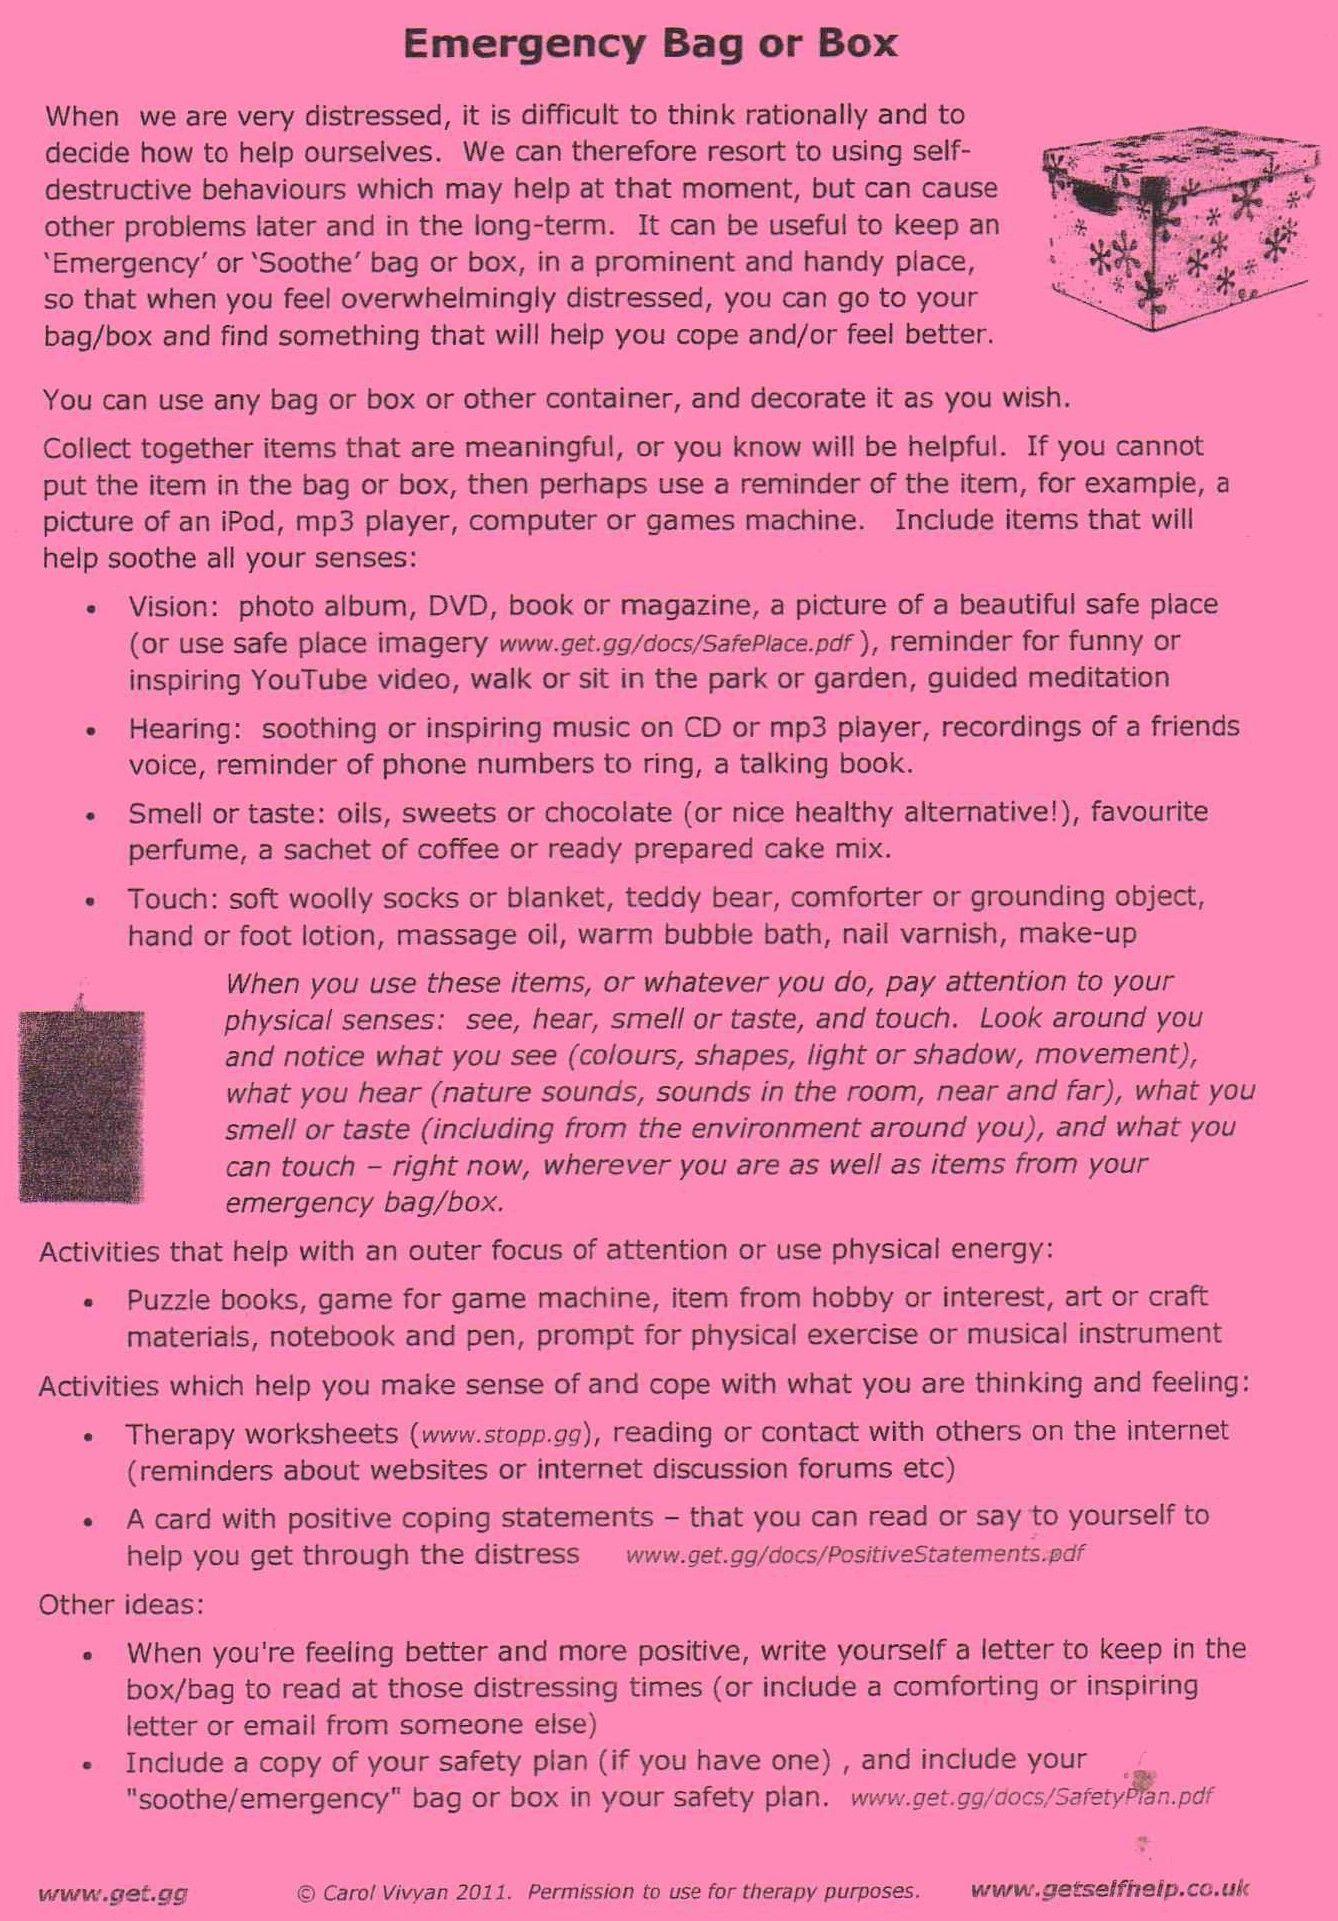 Emergency Distress Tolerance Kit Ideas